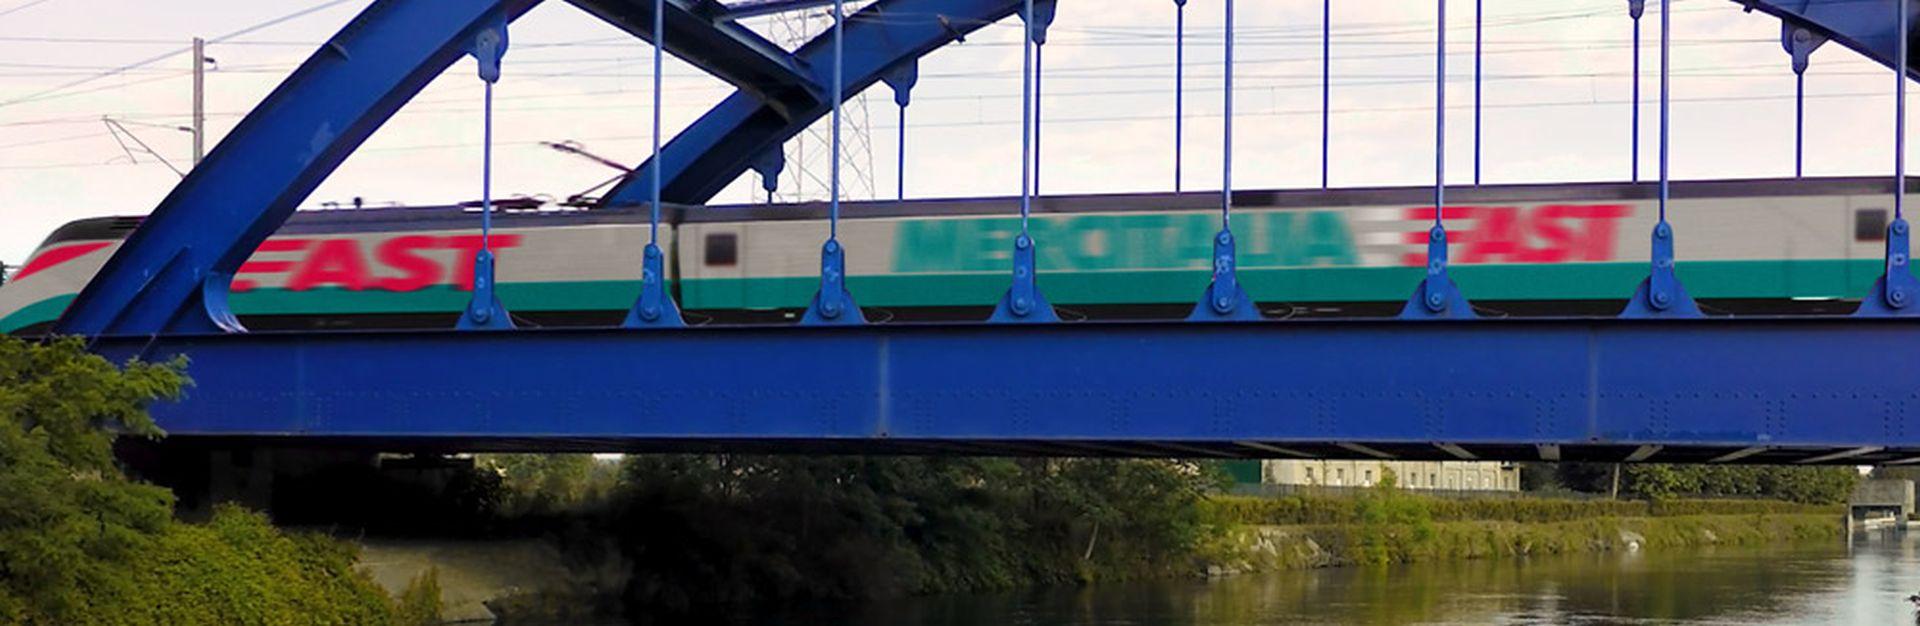 Jednotka ETR500 předělaná pro přepravu zboží. Foto: Mercitalia